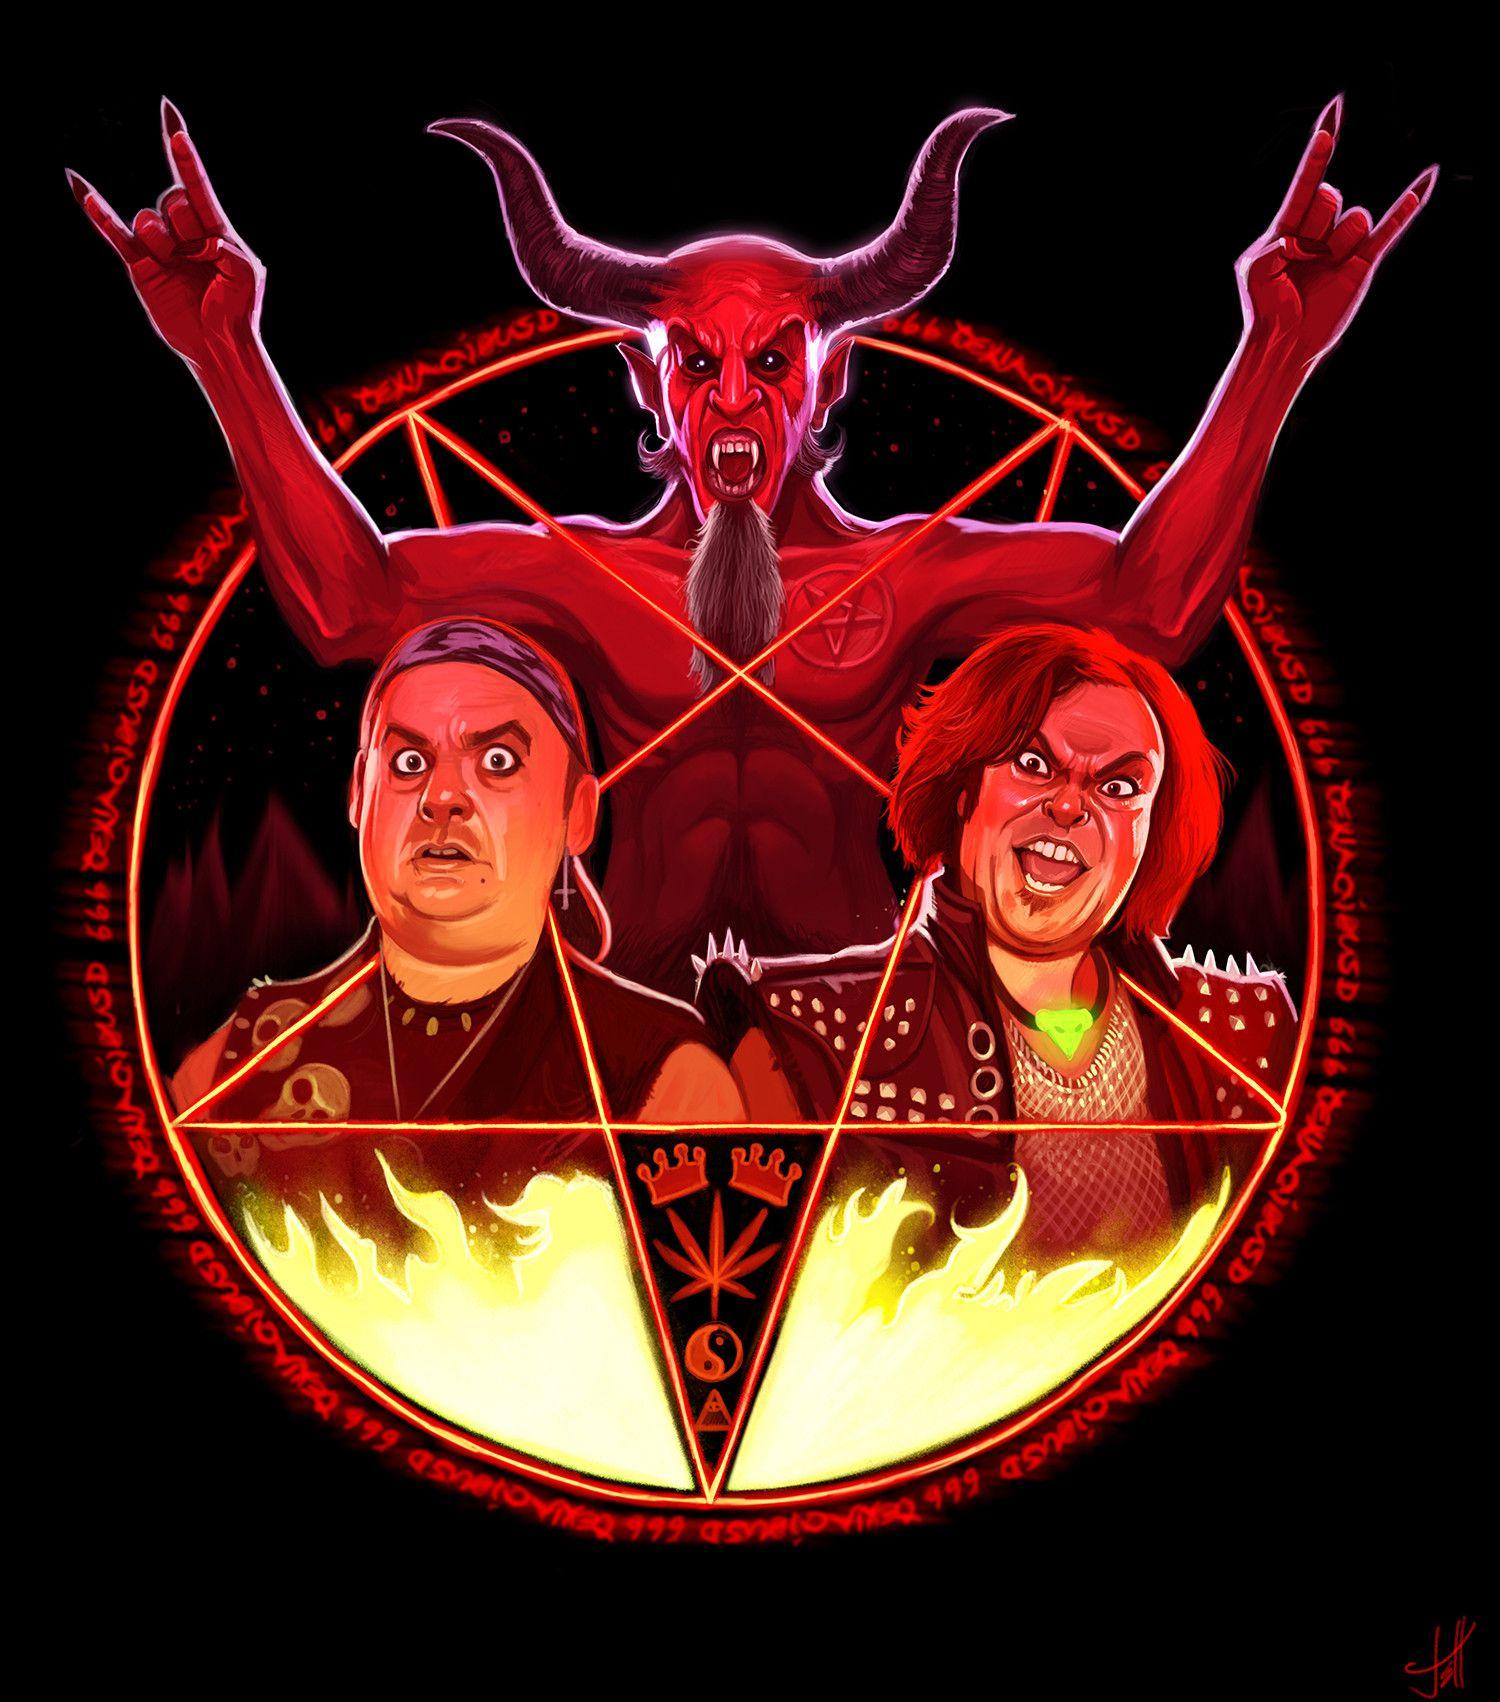 Tenacious D The Pick Of Destiny Fanart By Jeff Delgado Heavy Metal Art Heavy Metal Music Fan Art